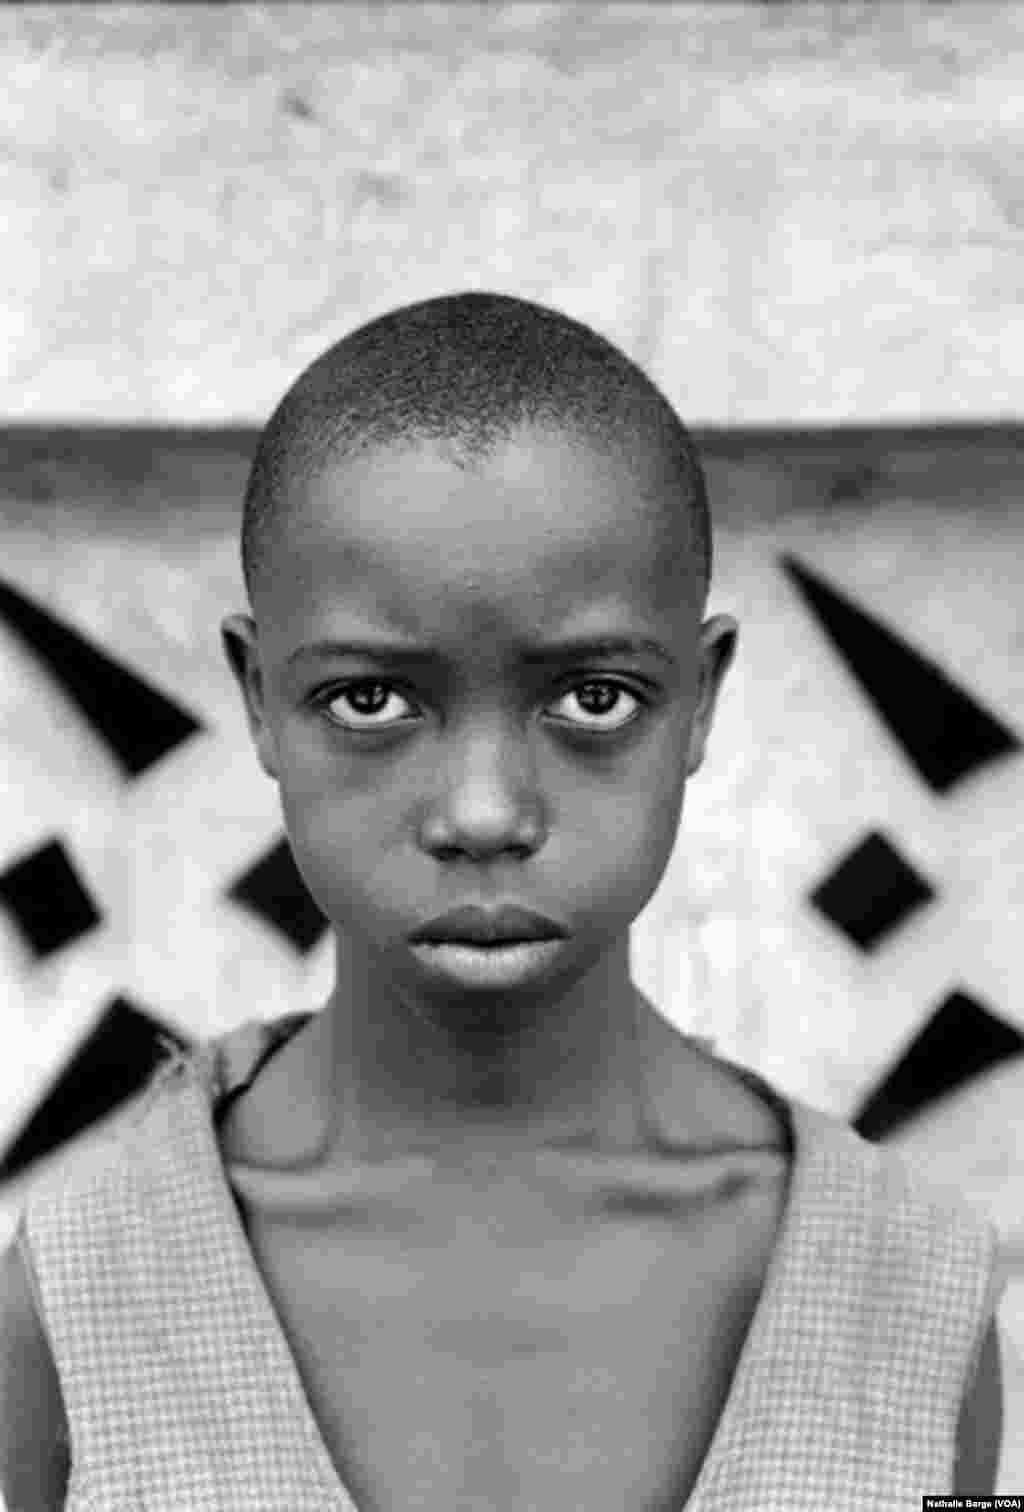 Un ancien enfant-soldat sierra-léonais dans un camp de réfugiés en Guinée, 2000. (Nathalie Barge, VOA)